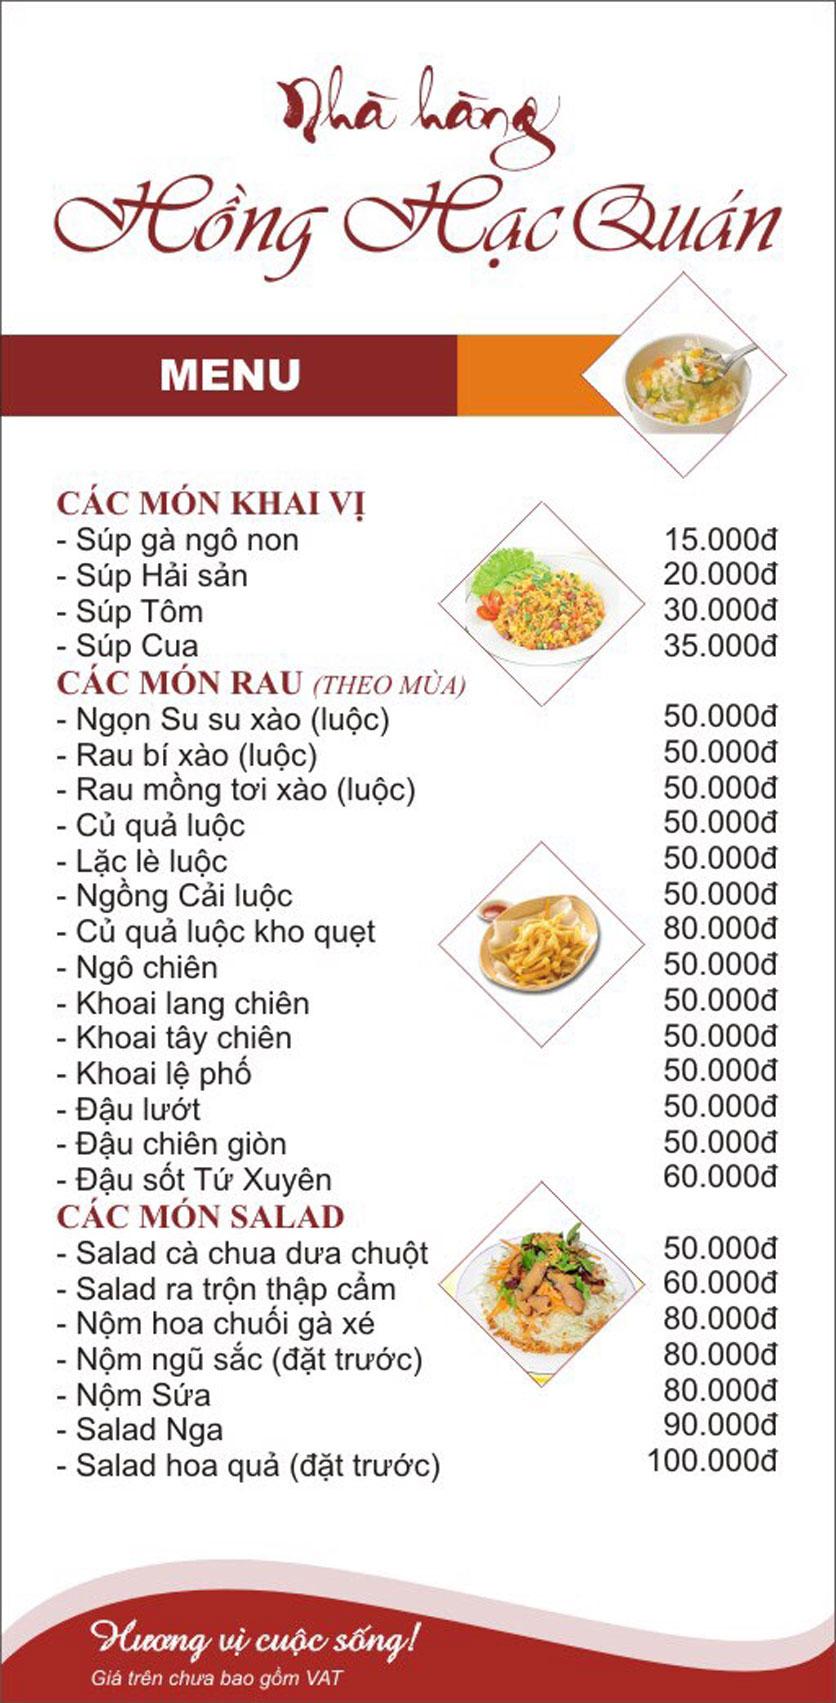 Menu Hồng Hạc - Tây Sơn 6